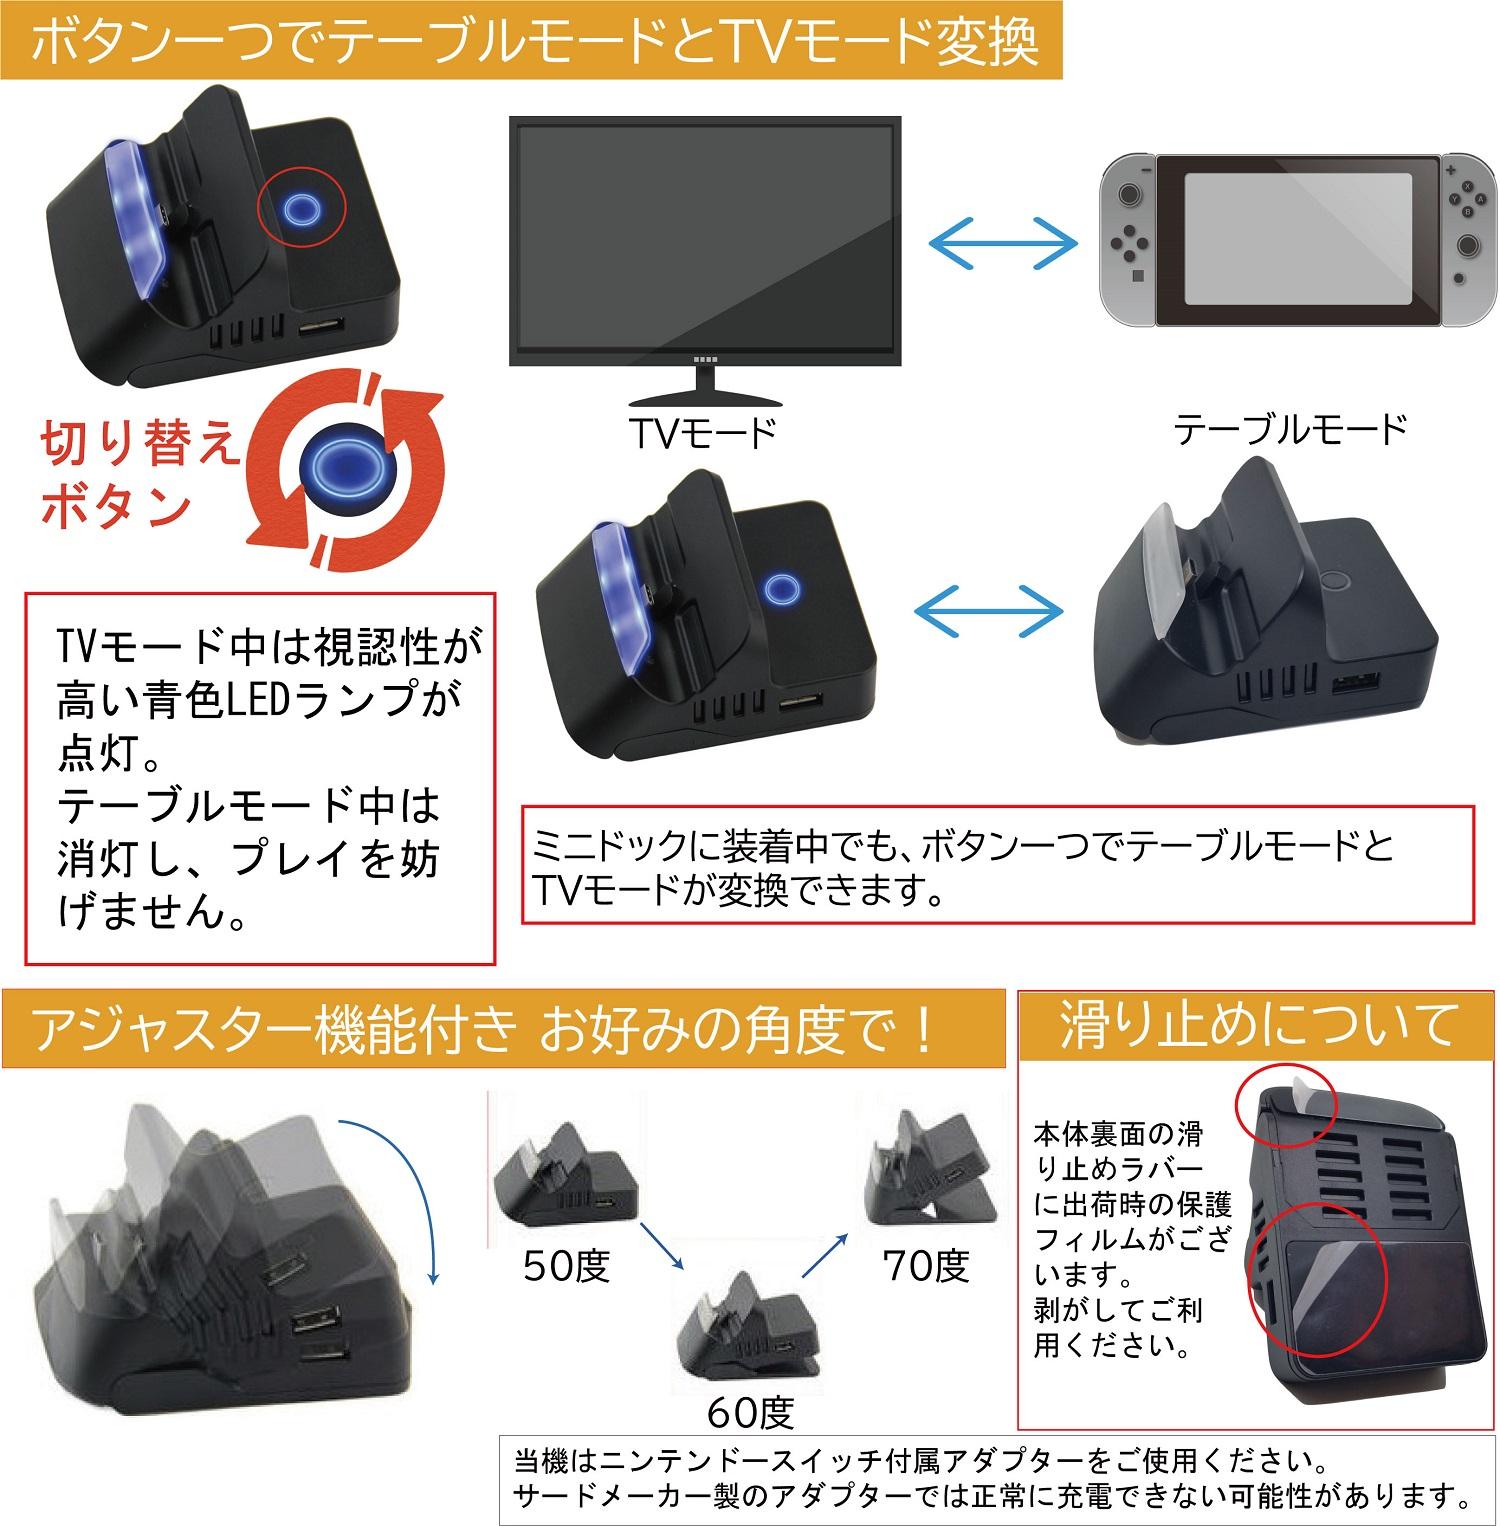 Nintendo Switch ミニドック 充電スタンド TV テレビ 出力 携帯 小型 充電しながら 持ち運び 旅行 おうち時間